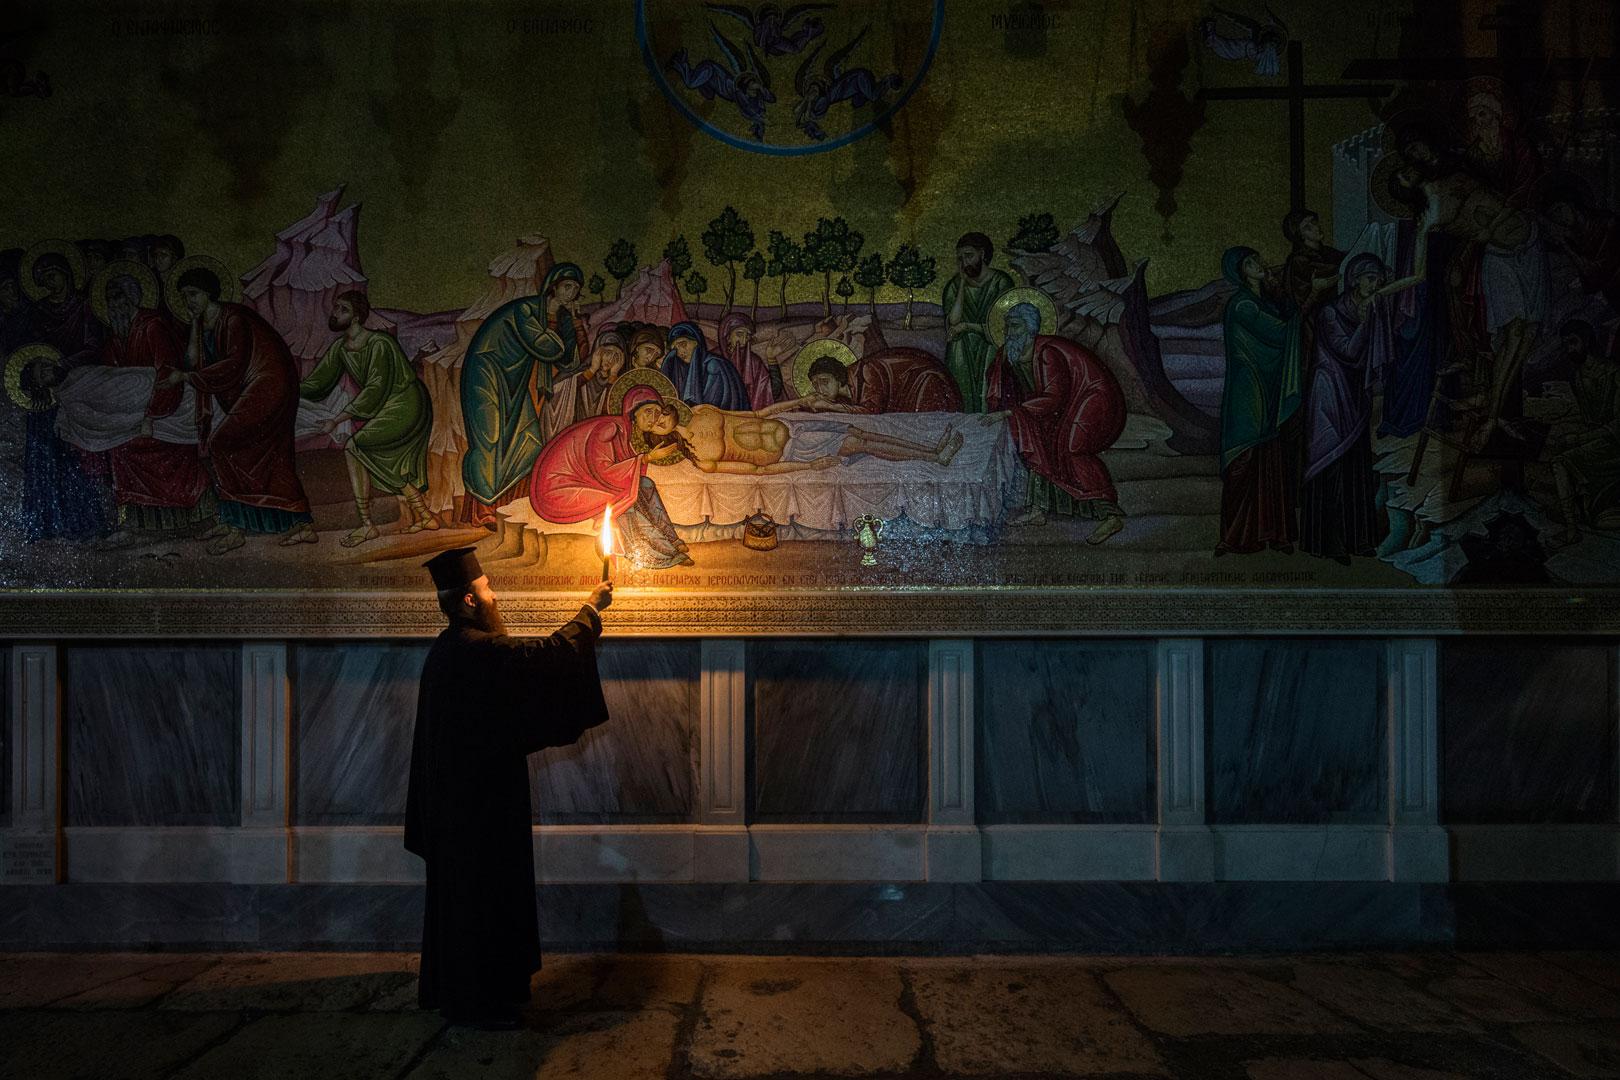 Крепкая вера. Православие в Святой земле. Фотографии Дафны Таль смотреть фото